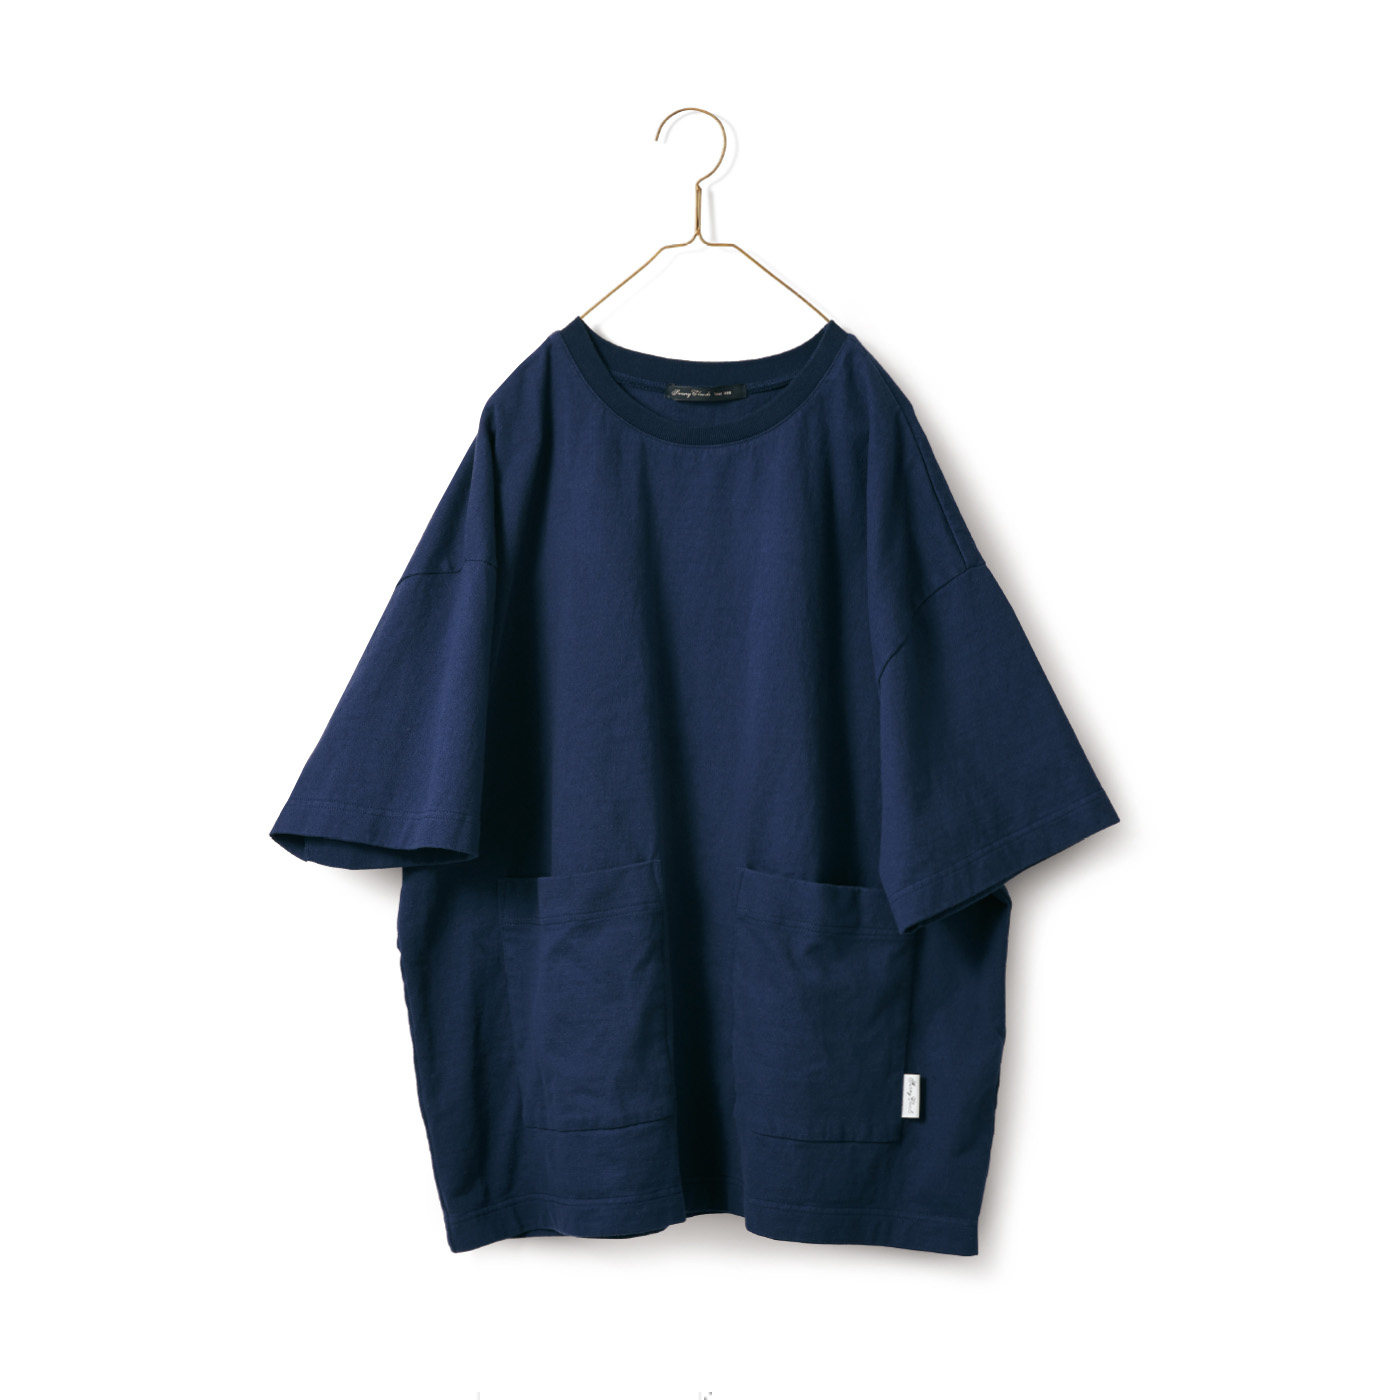 サニークラウズ ドデカいTシャツ〈レディース〉